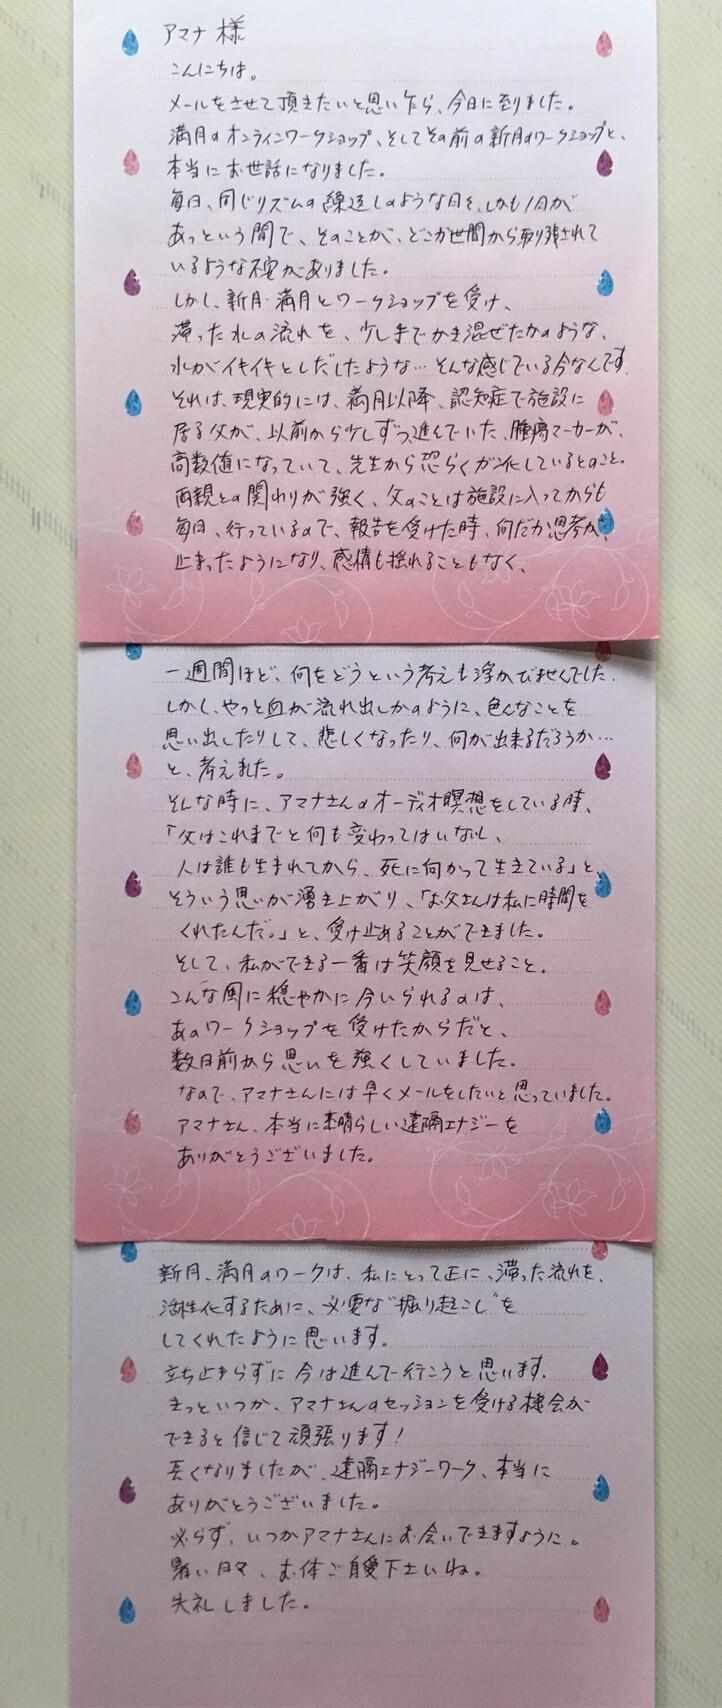 160712_八木香奈子2